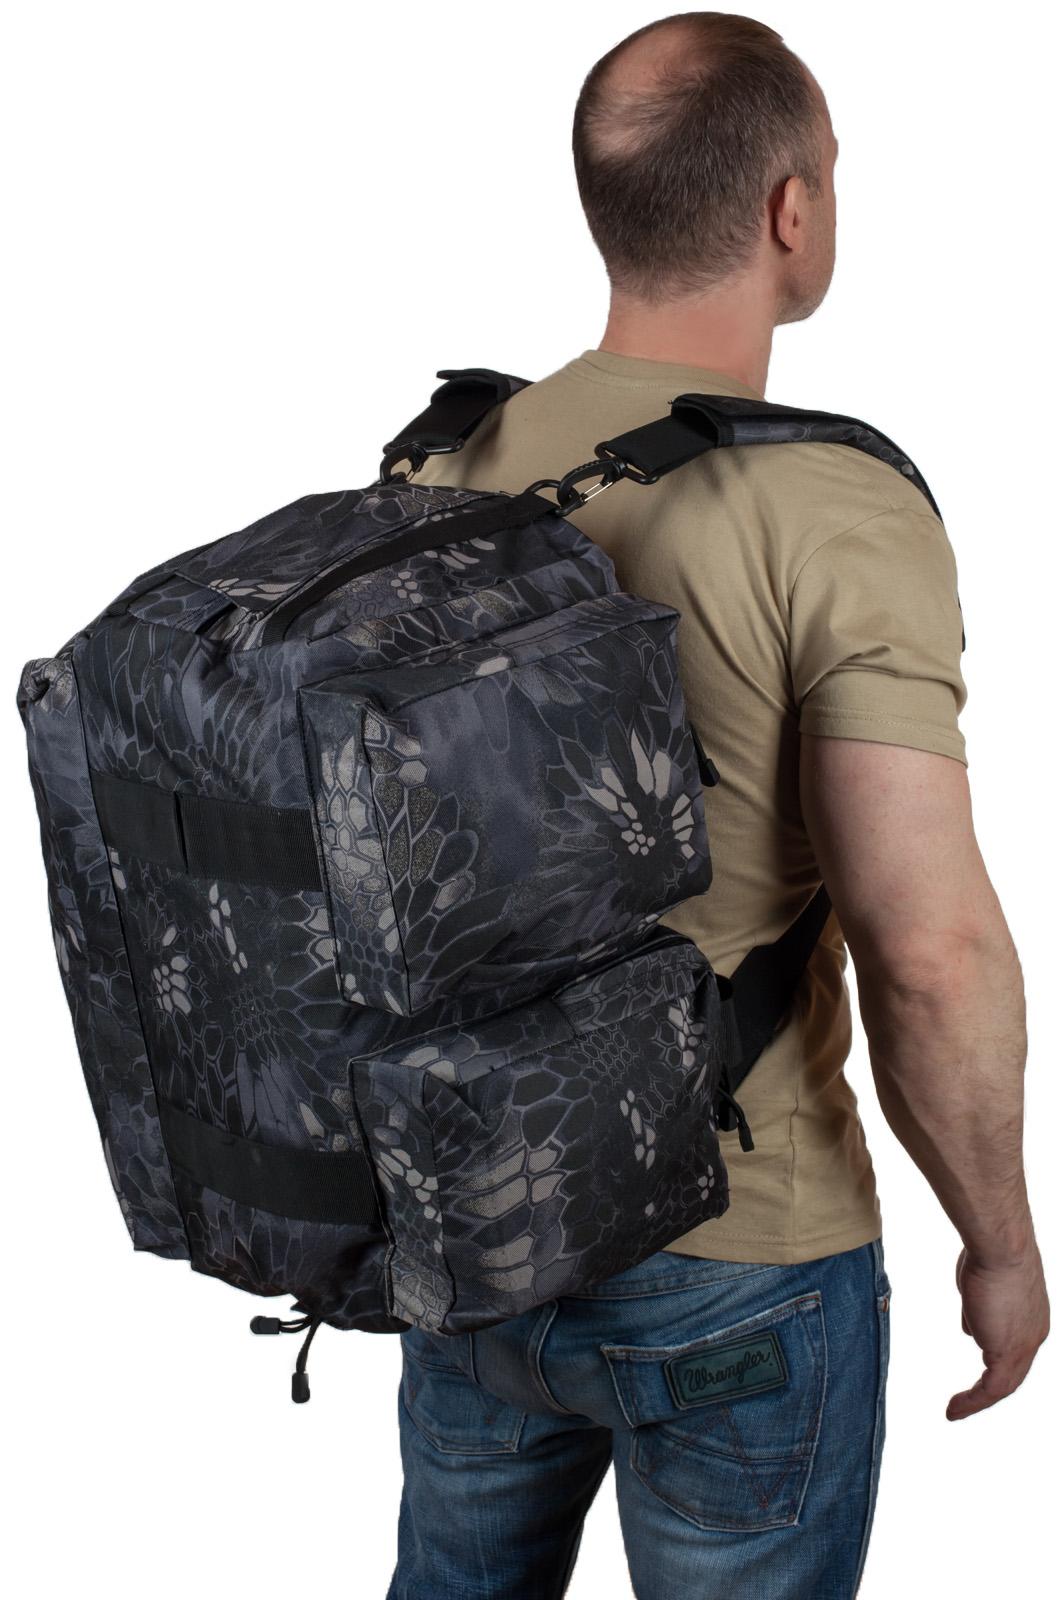 Тактическая заплечная сумка РХБЗ - купить в подарок